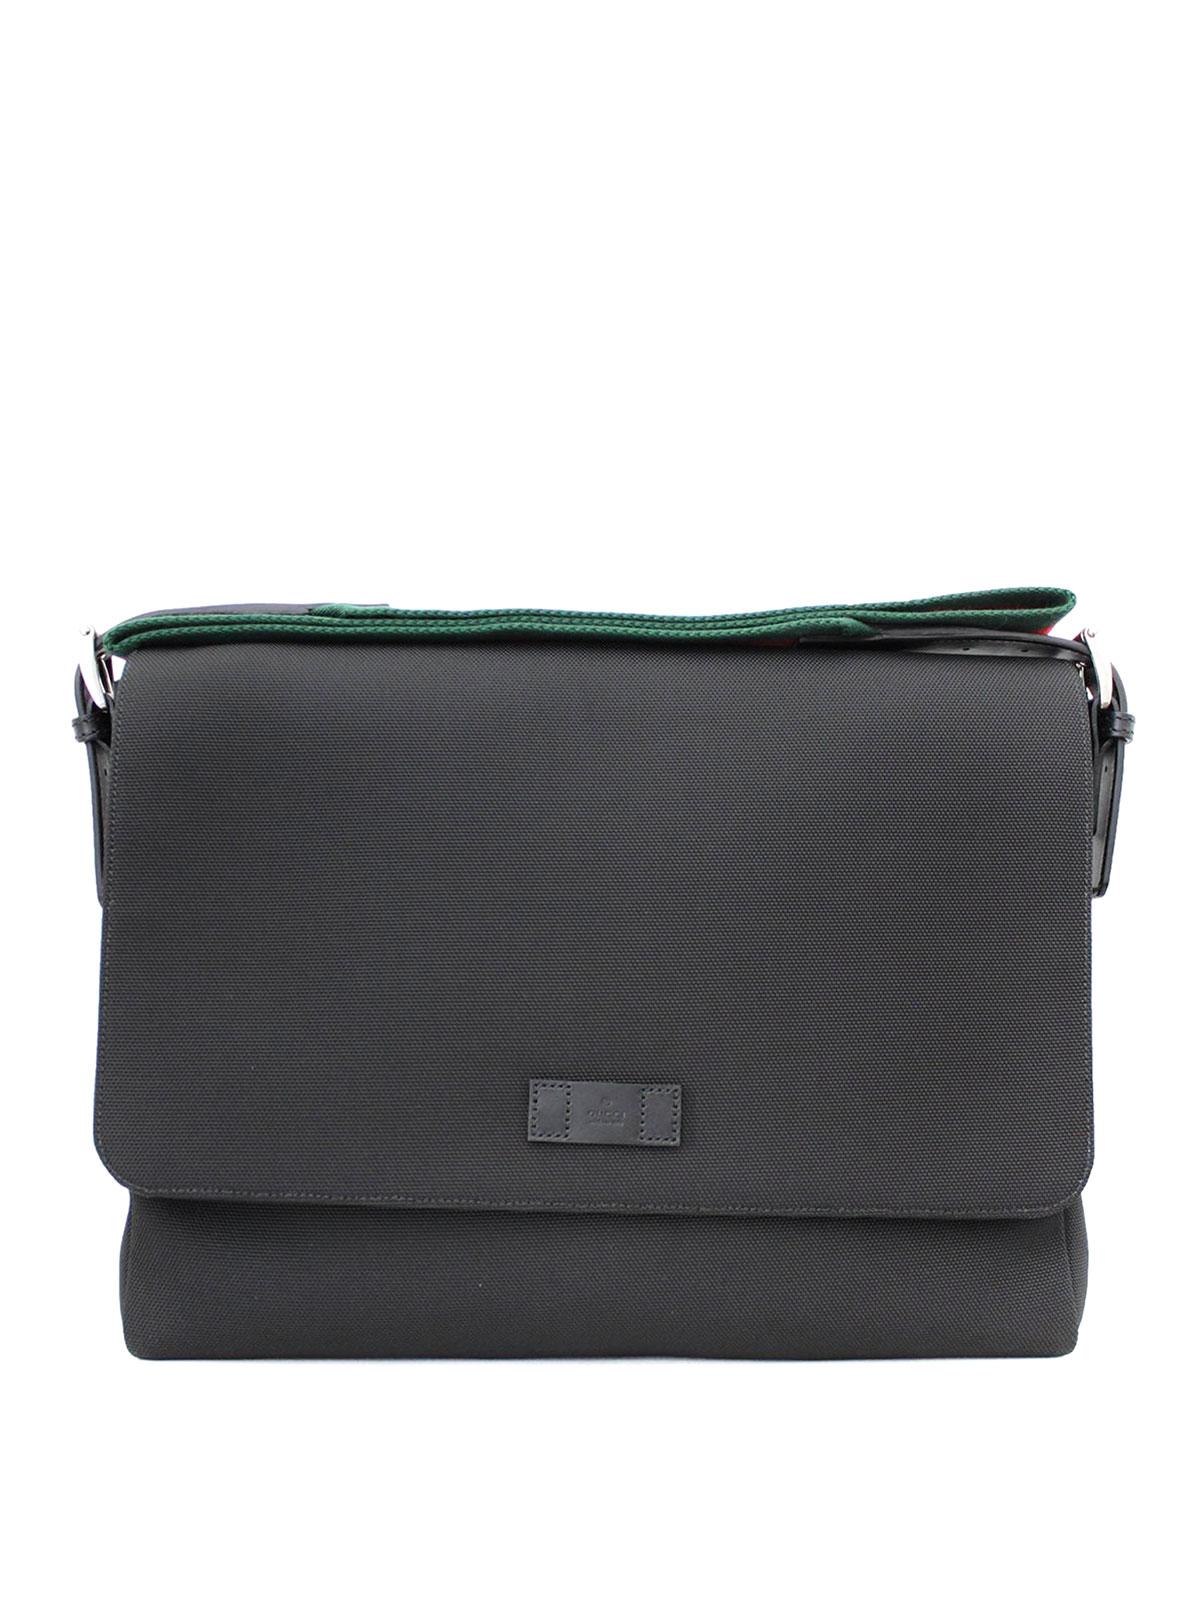 techno canvas messenger bag by gucci shoulder bags shop online at 337073 kwt5n 1060. Black Bedroom Furniture Sets. Home Design Ideas